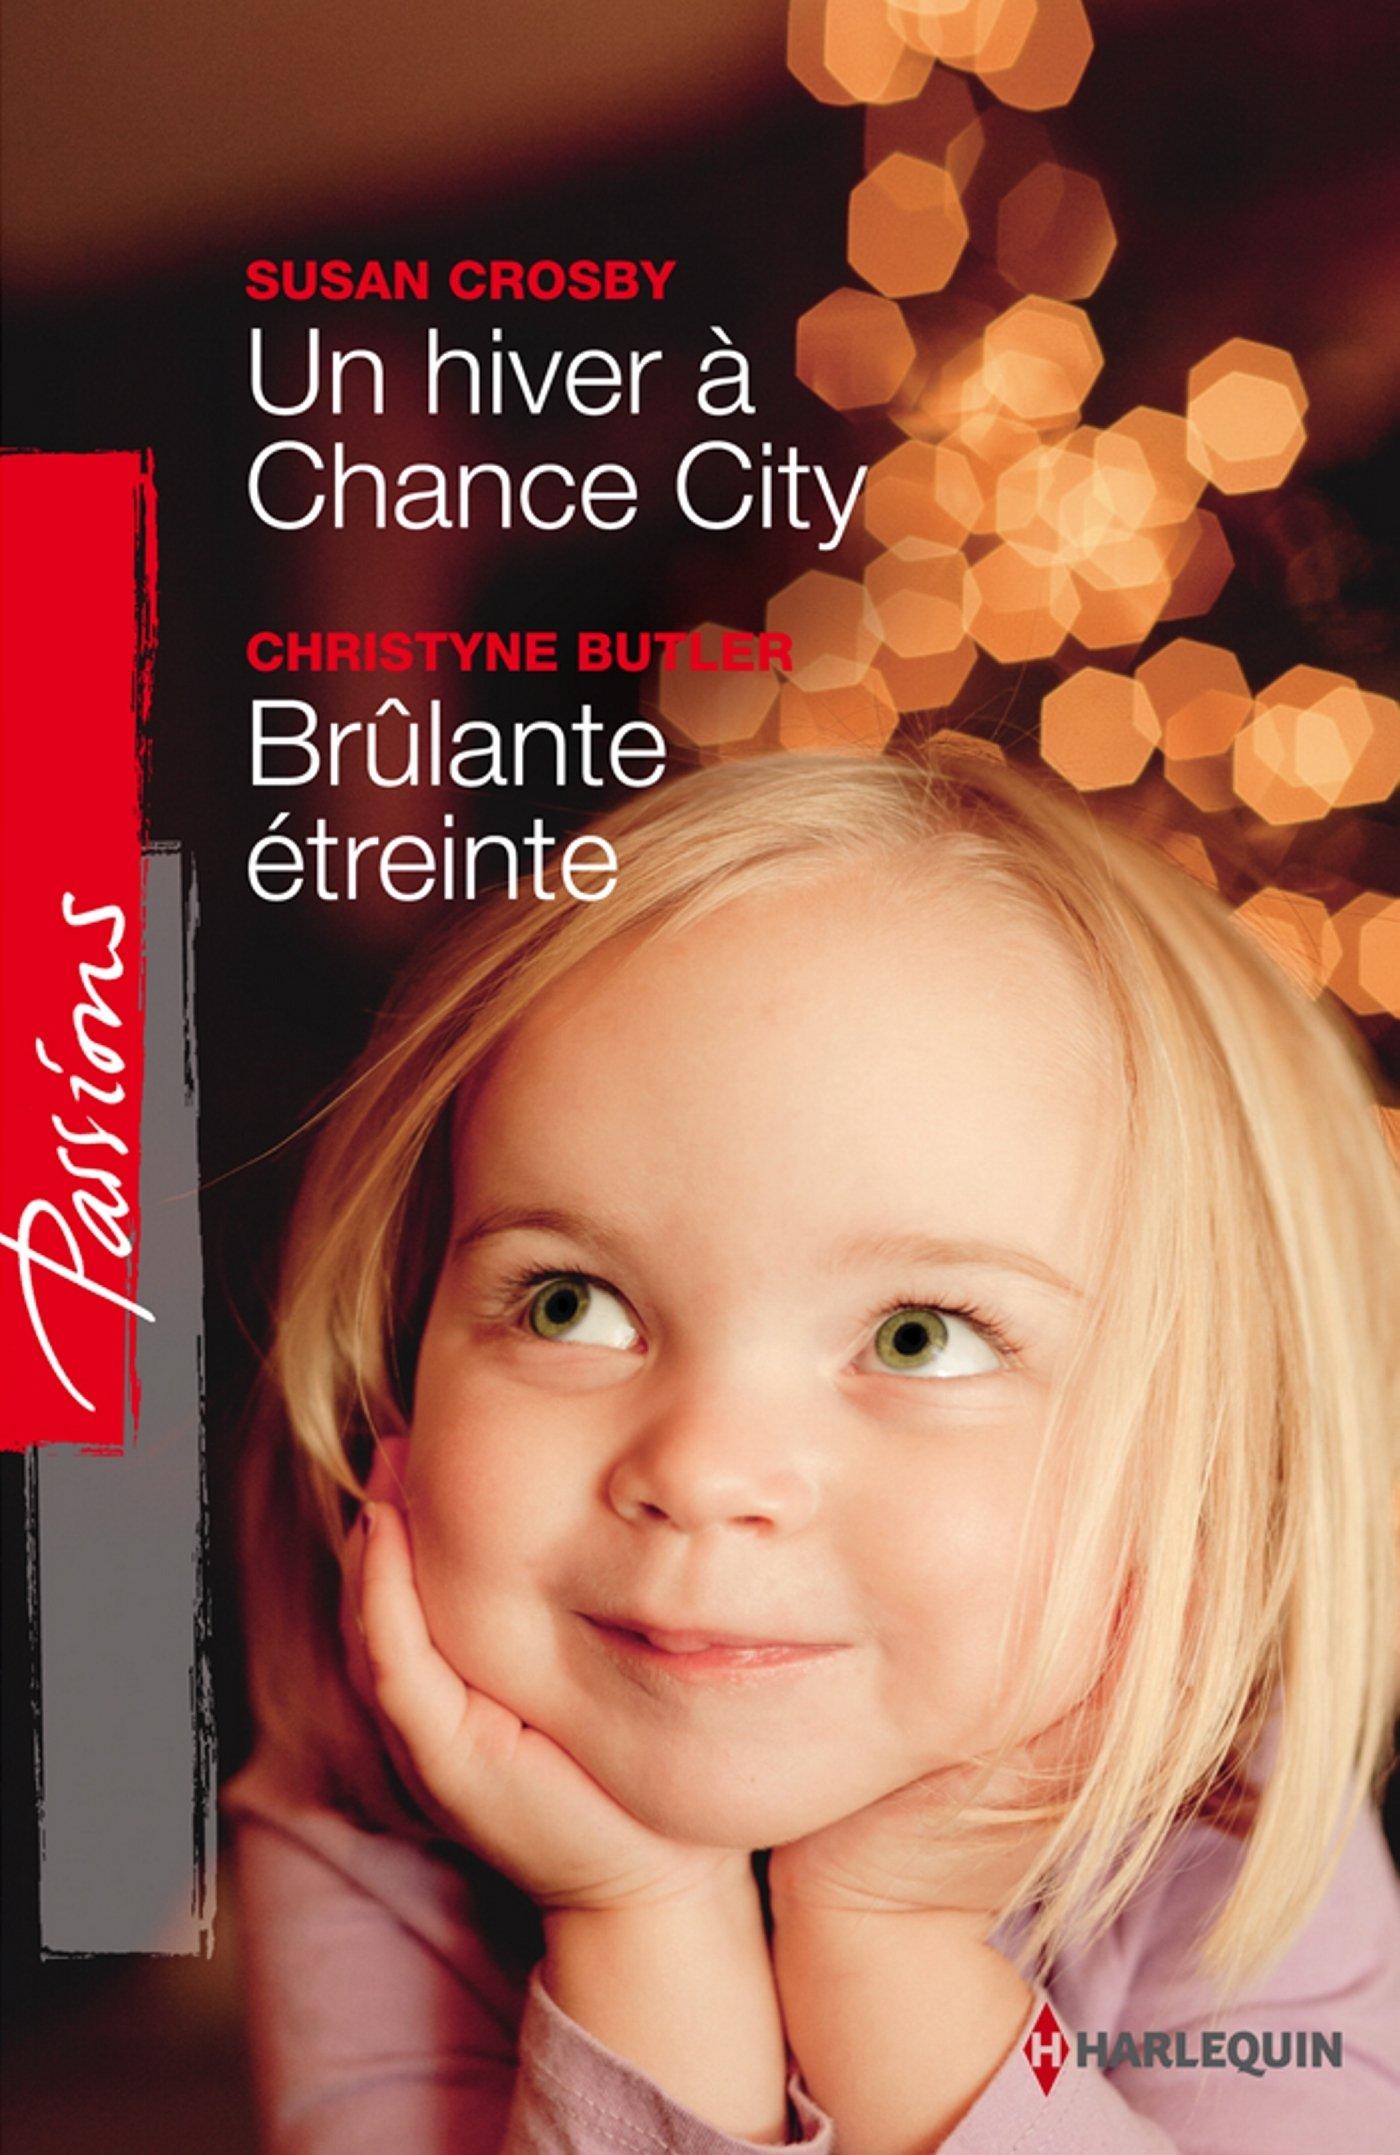 images-na.ssl-images-amazon.com/images/I/81B11ndx0tL.jpg